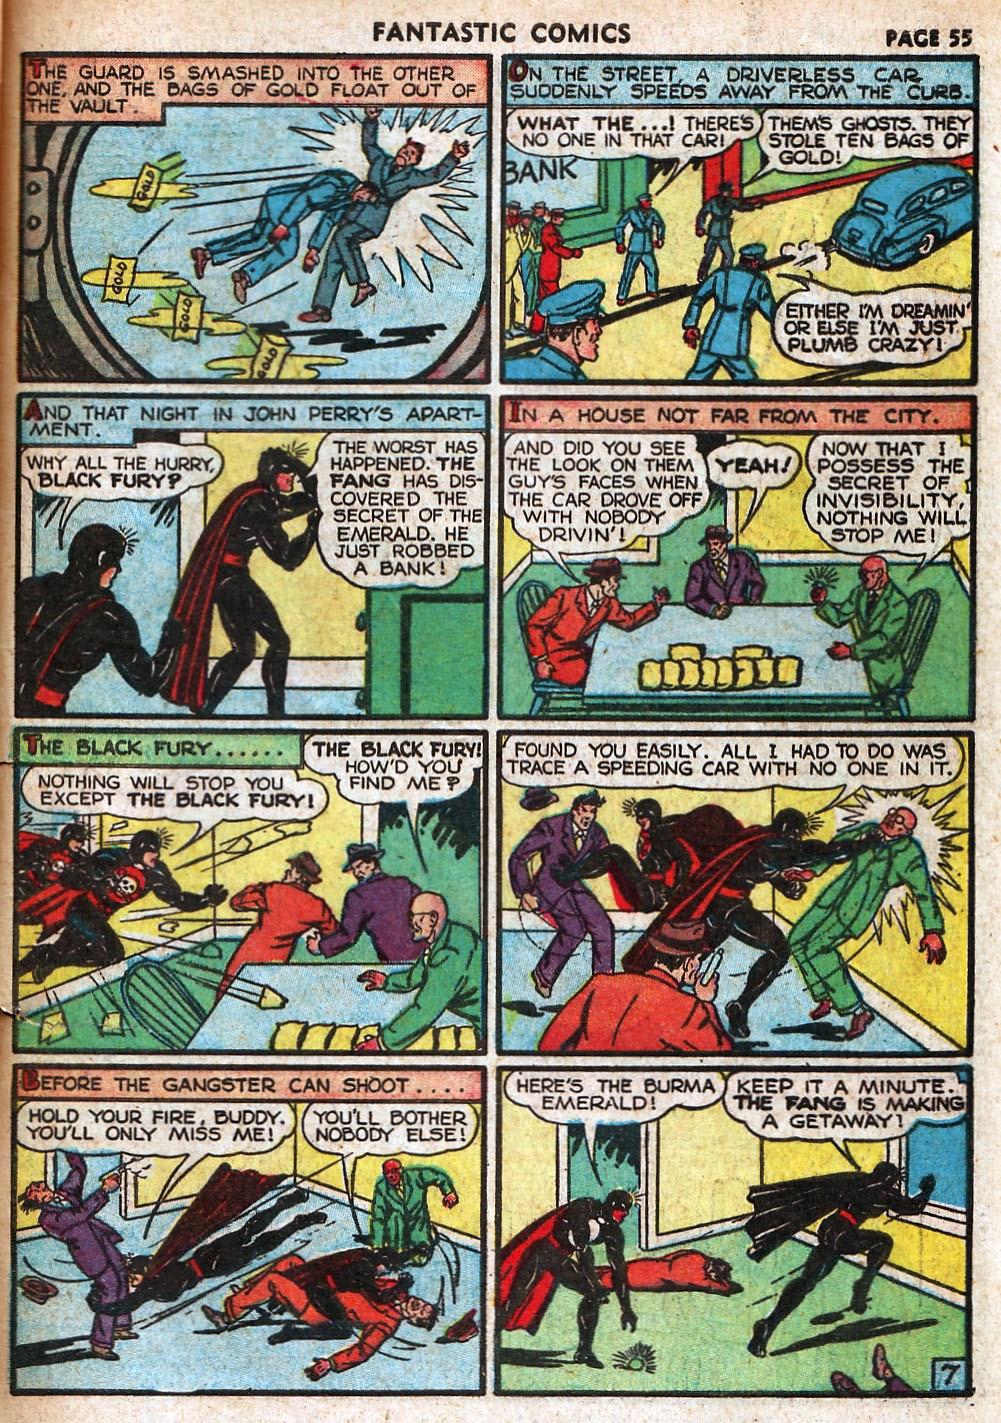 Read online Fantastic Comics comic -  Issue #18 - 57